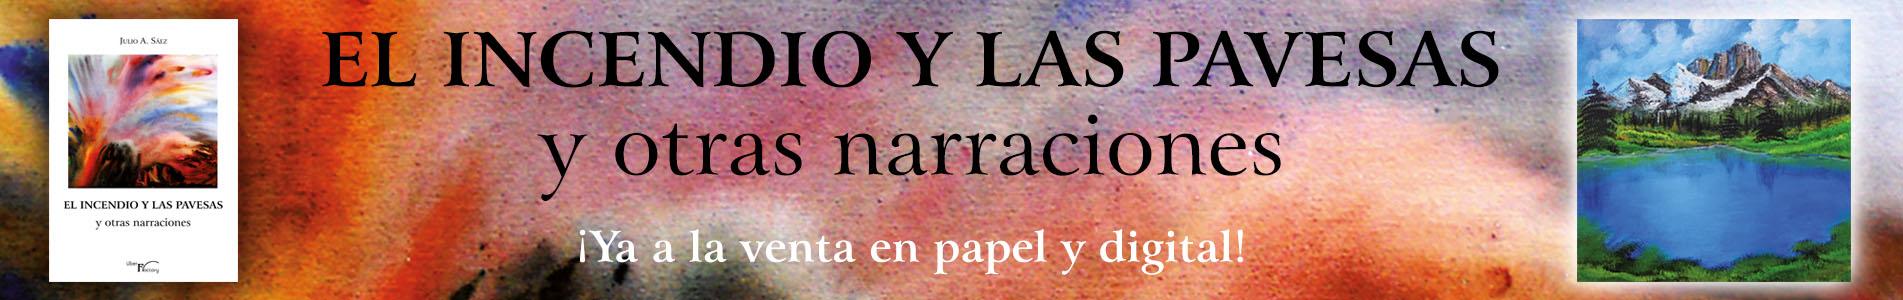 EL INCENDIO Y LAS PAVESAS Y OTRAS NARRACIONES